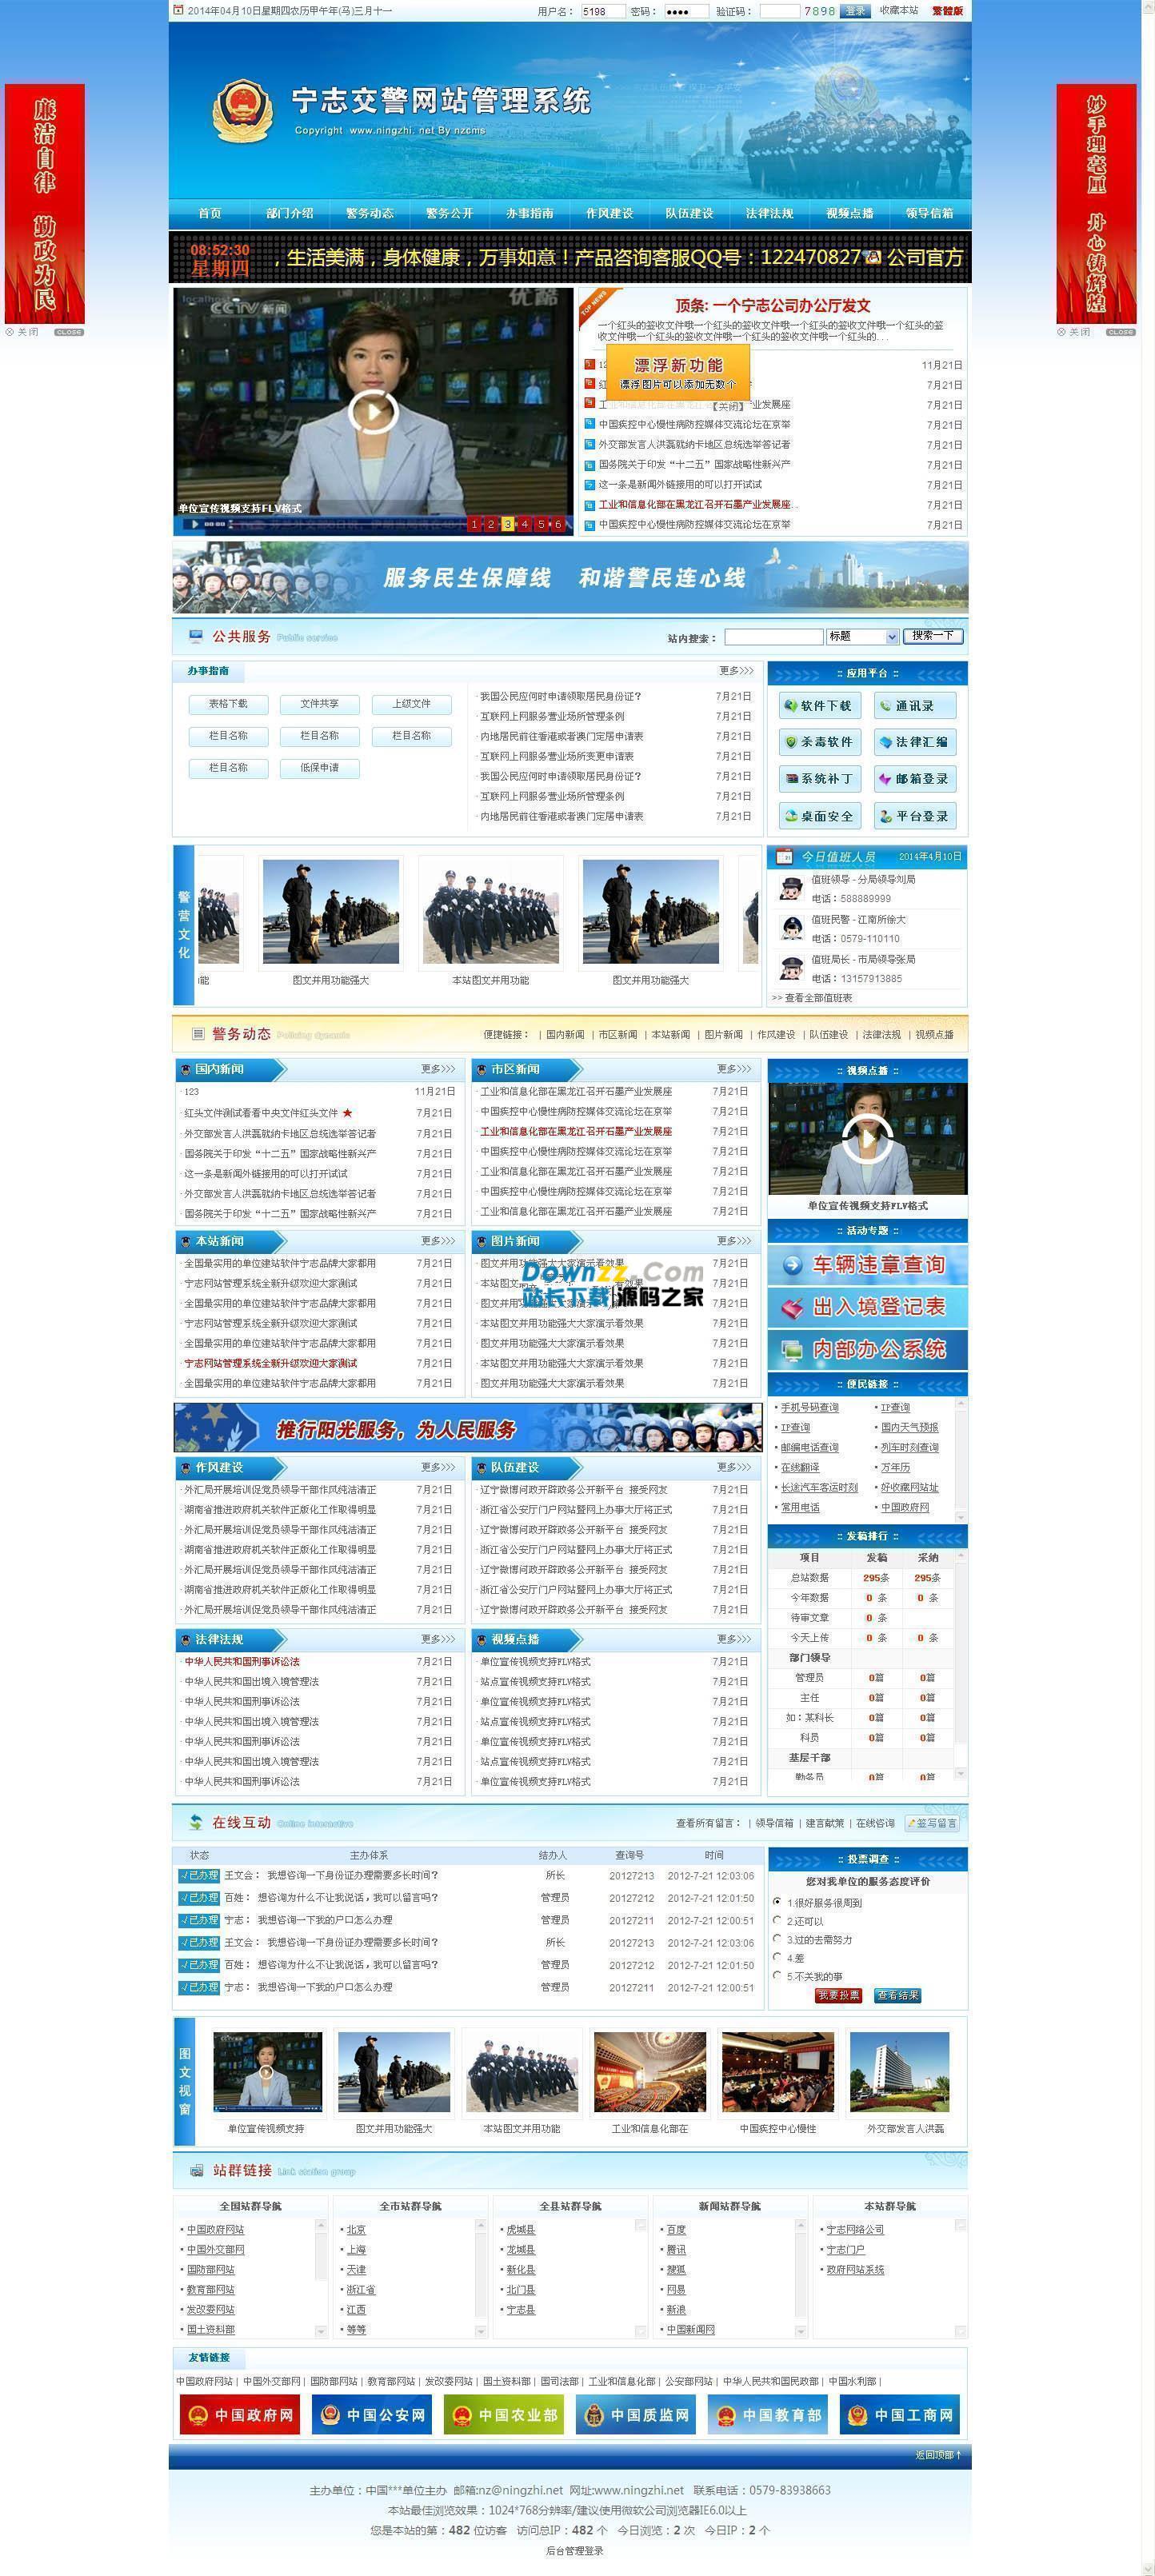 宁志交警队网站管理系统-蓝色模板 v18.6.6